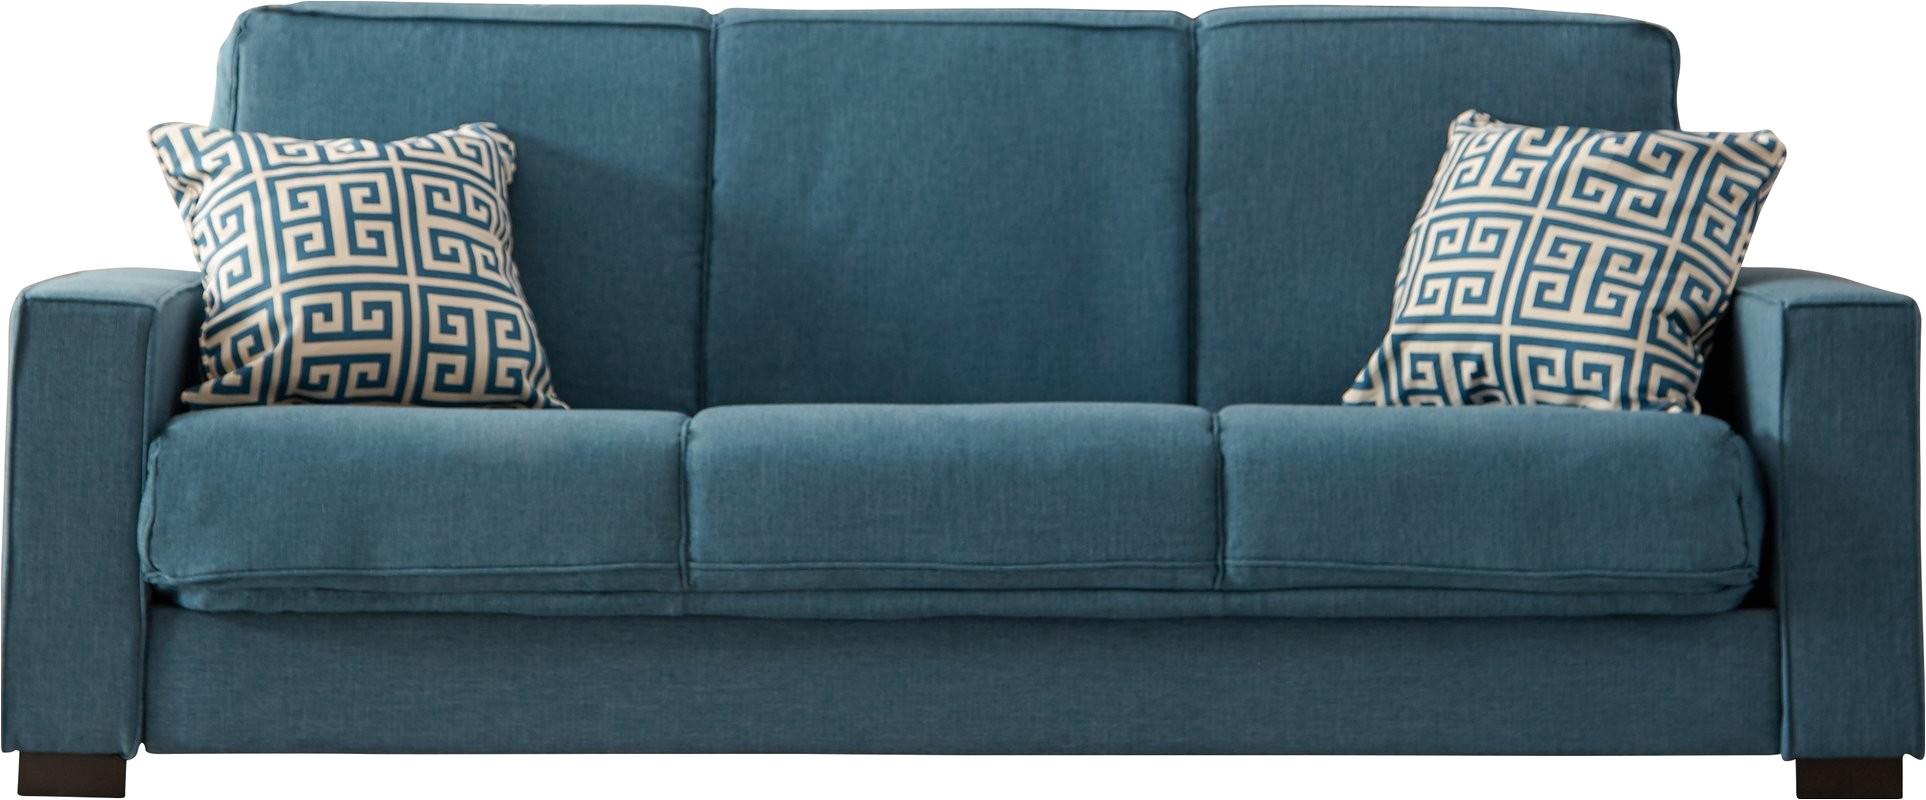 brayden studio swiger convertible sleeper sofa bray2783 ds 119944